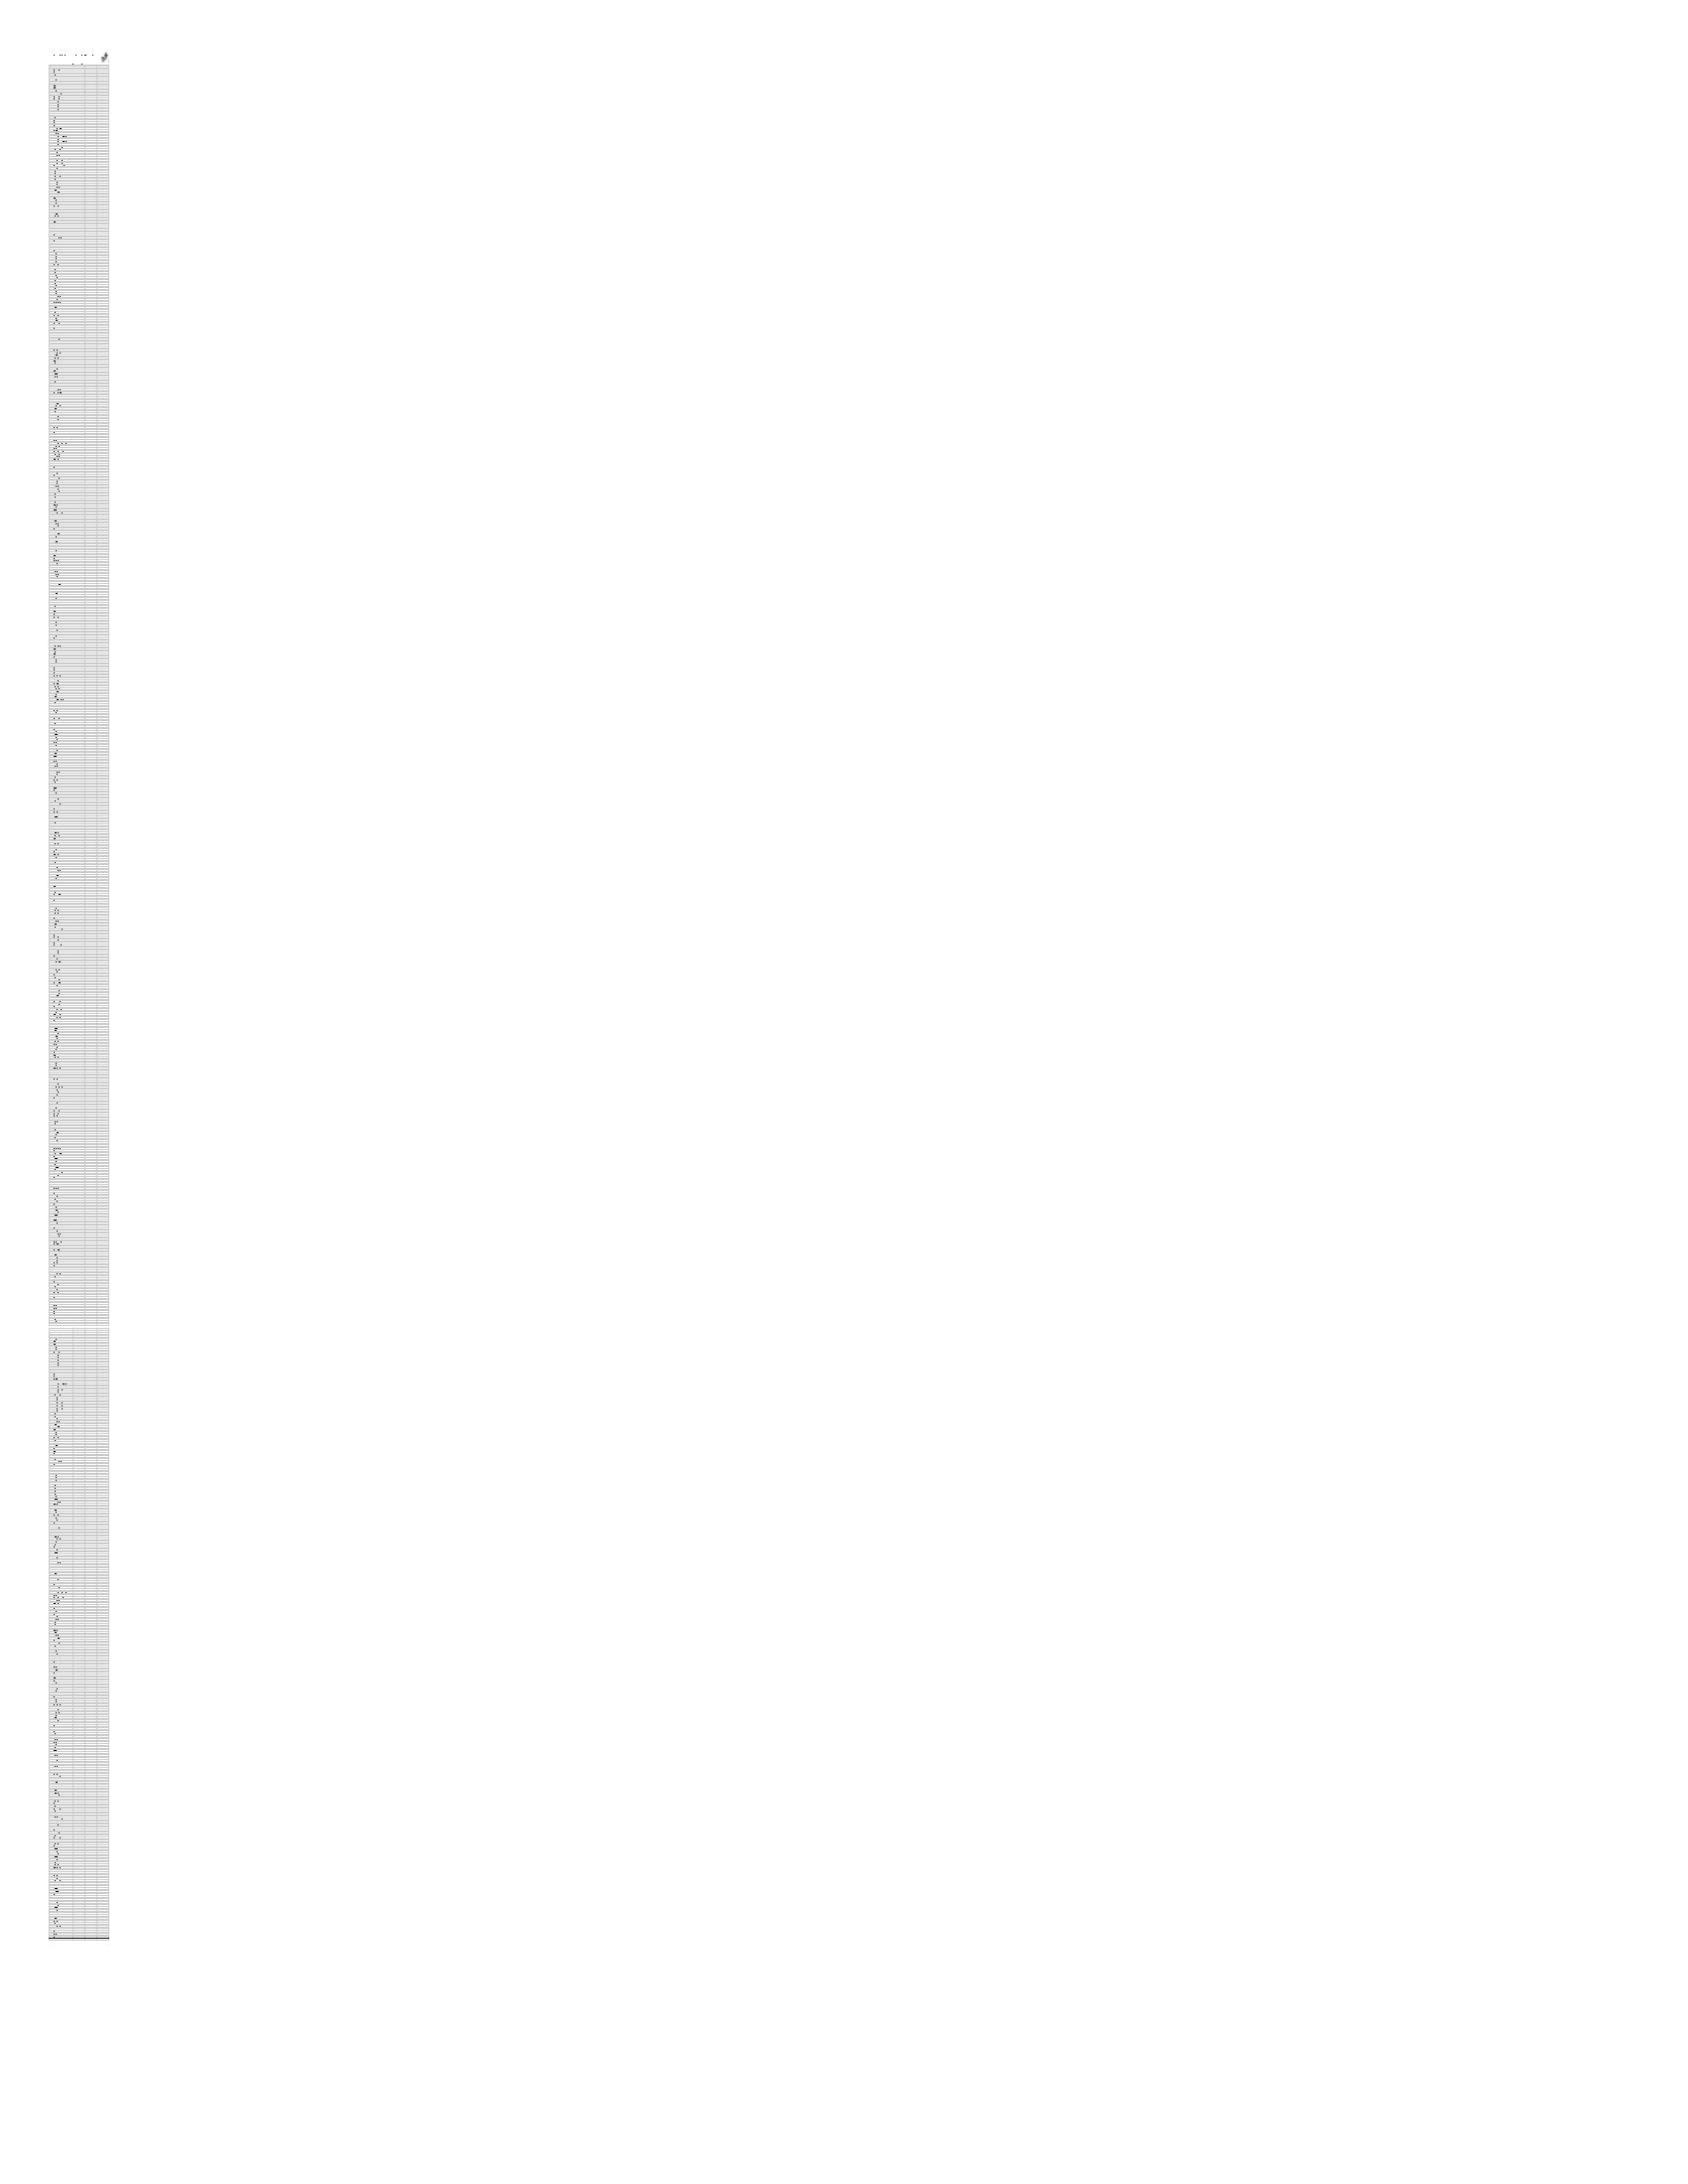 burke 2010 project management pdf